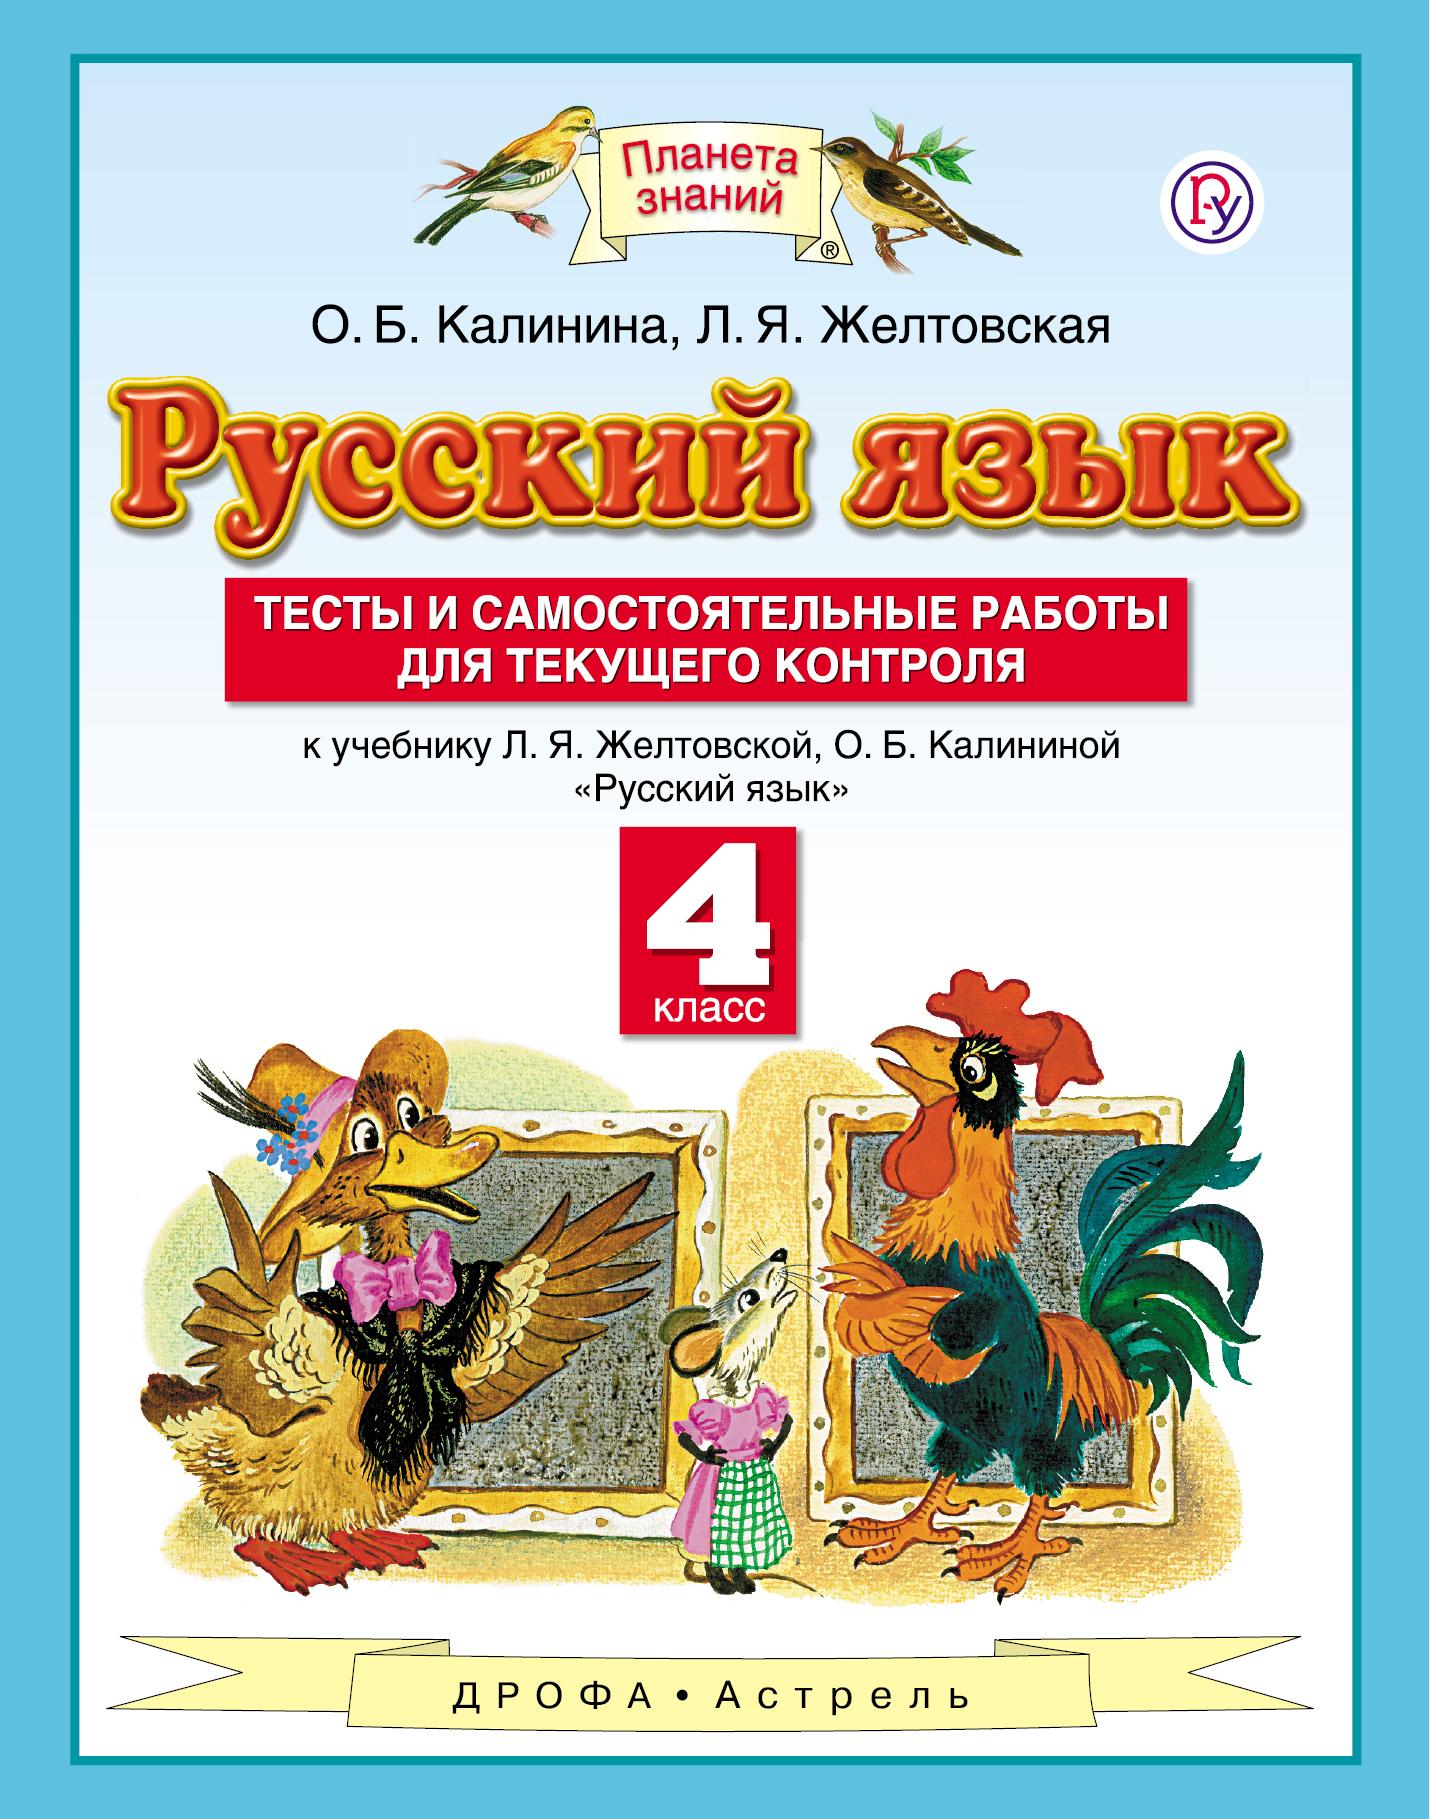 Ответы на русский язык 2 класса о.б калинина